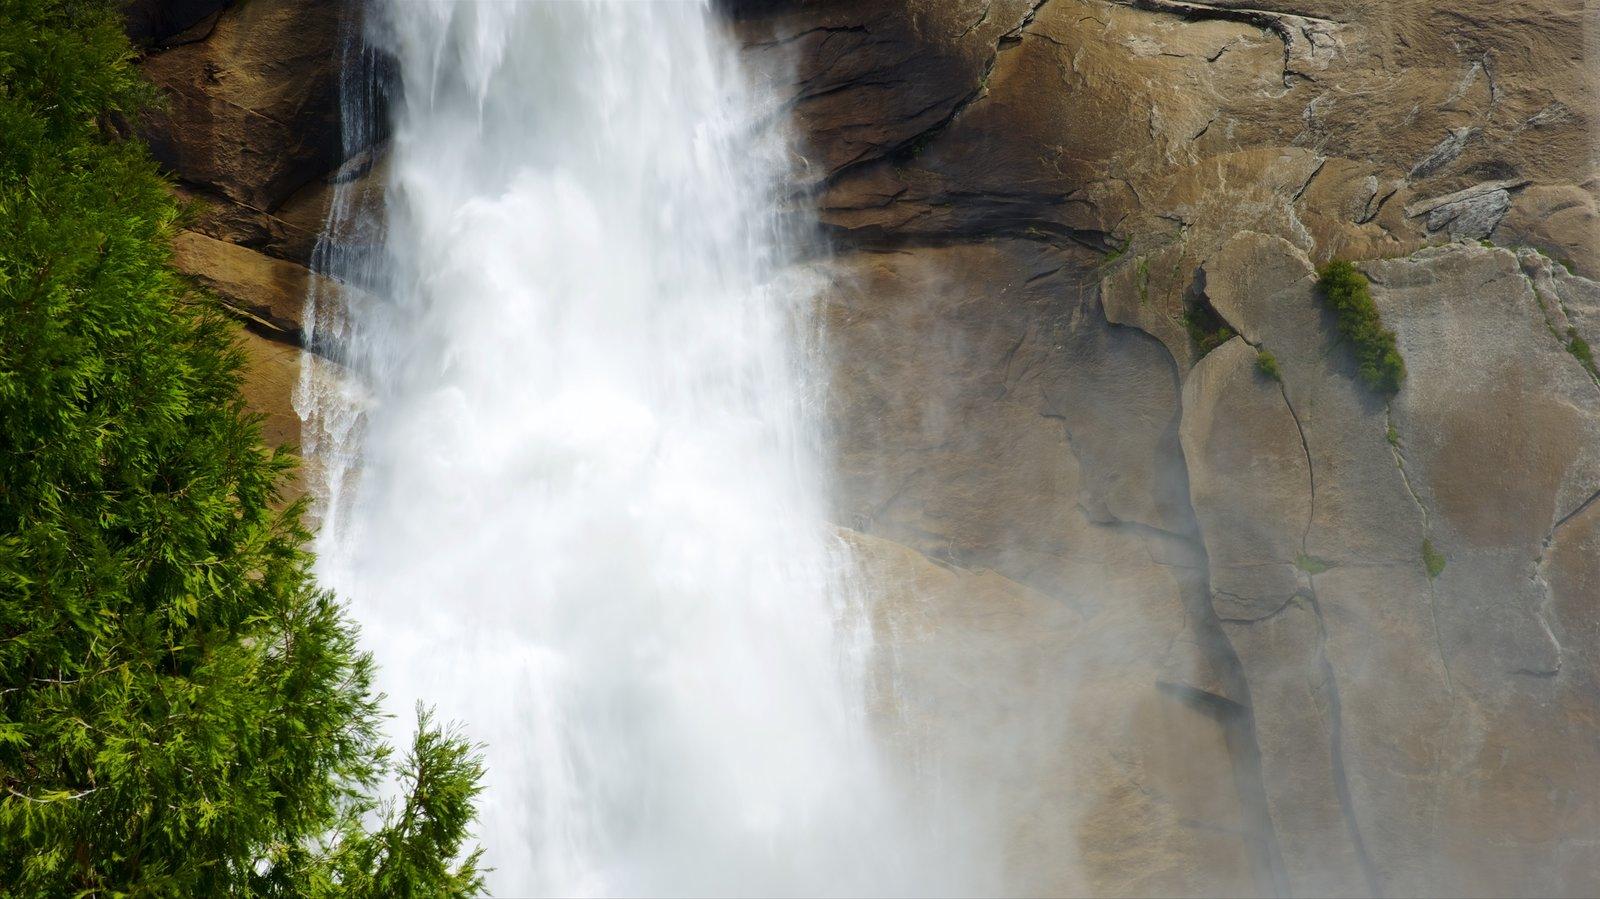 Nevada Falls que inclui uma cachoeira